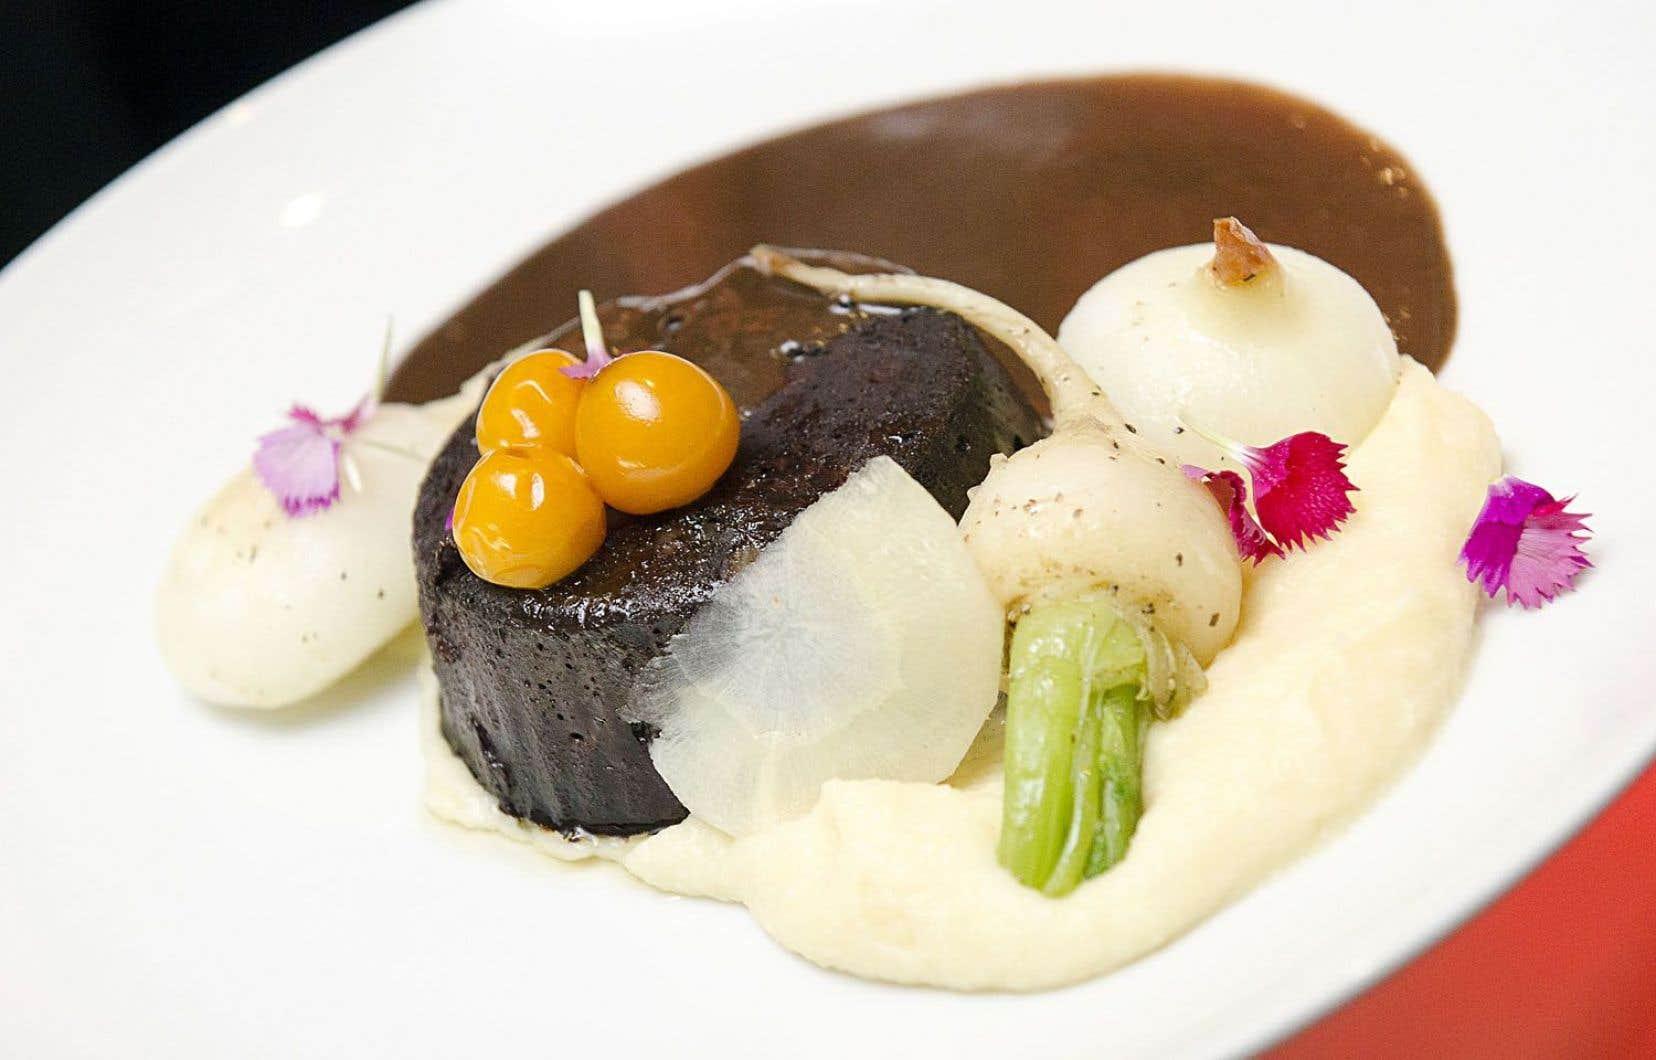 Boudin maison au foie gras, cerises de terre confites, oignons cipolins rôtis, purée de carottes blanches, sauce périgourdine. Création du resto 47eParallèle.